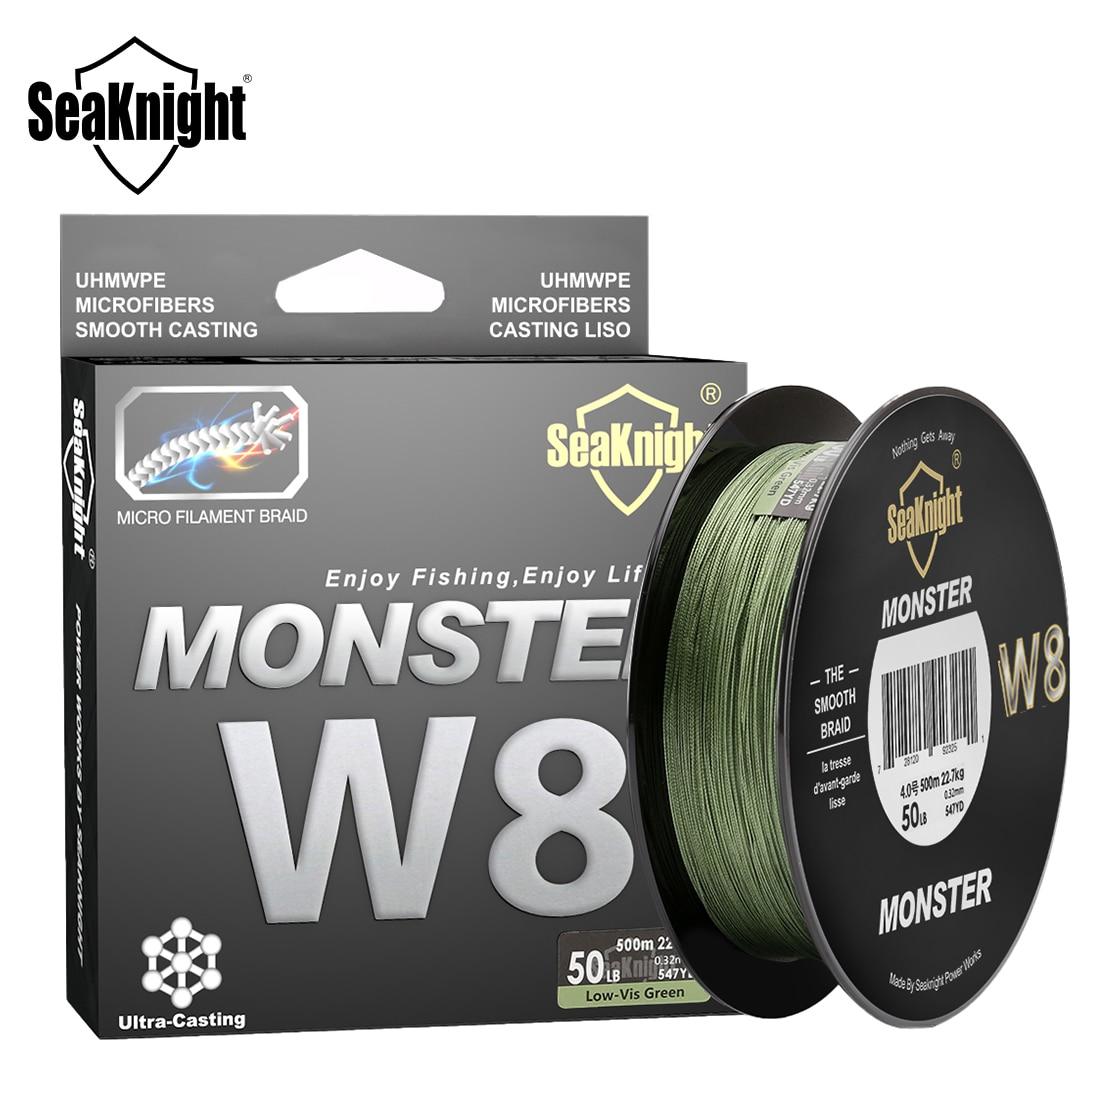 SeaKnight 500 м/546YDS 300M MS серия W8 плетеные рыболовные лески 8 плетений проволока гладкая PE многофиламентная леска для морской рыбалки 20-100 фунтов